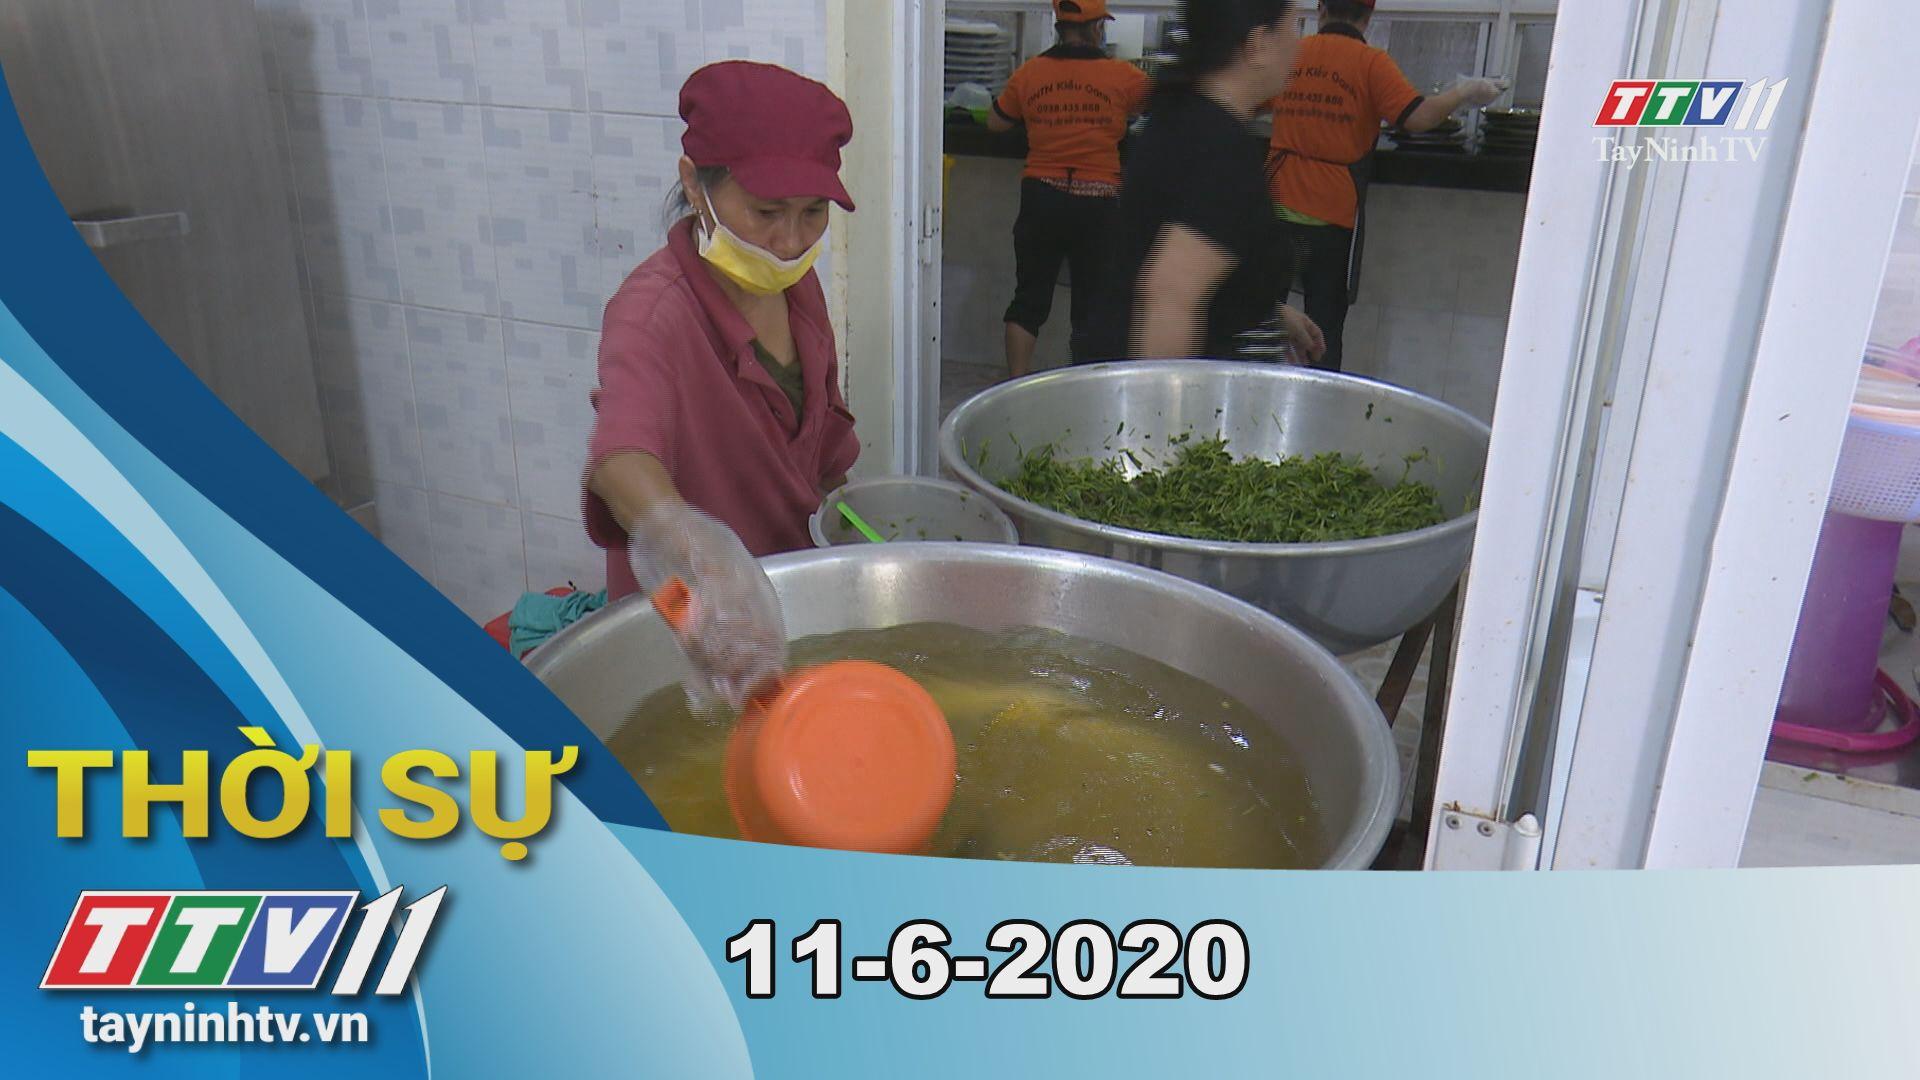 Thời sự Tây Ninh 11-6-2020   Tin tức hôm nay   TayNinhTV